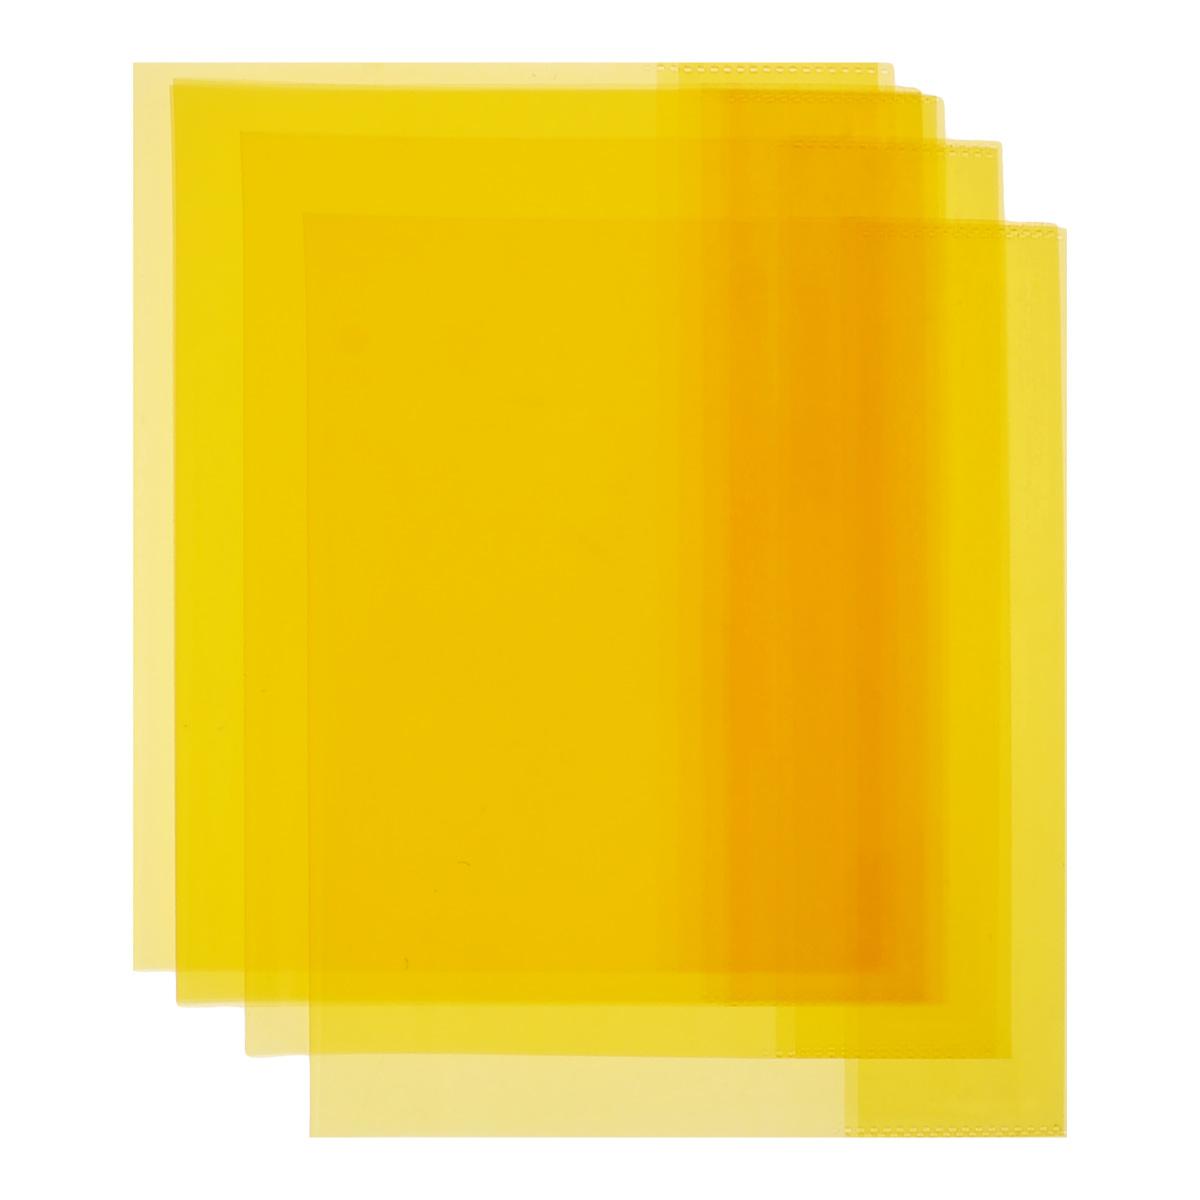 Обложка для тетрадей и дневников Action, цвет: оранжевый, 21 см х 34,6 см, 5 штABC010/5_оранжевыйОбложка для тетрадей и дневников Action выполнена из высококачественного полупрозрачного пластика толщиной 100 мкм и предназначена для защиты тетрадей и дневников от пыли, грязи и механических повреждений. Надежная фиксация обложки обеспечивается прозрачными клапанами на внутренней стороне. Обложка для тетрадей и дневников - незаменимый атрибут школьника, студента или офисного работника. Она надежно сбережет ваши документы и защитит их от повреждения, пыли и влаги